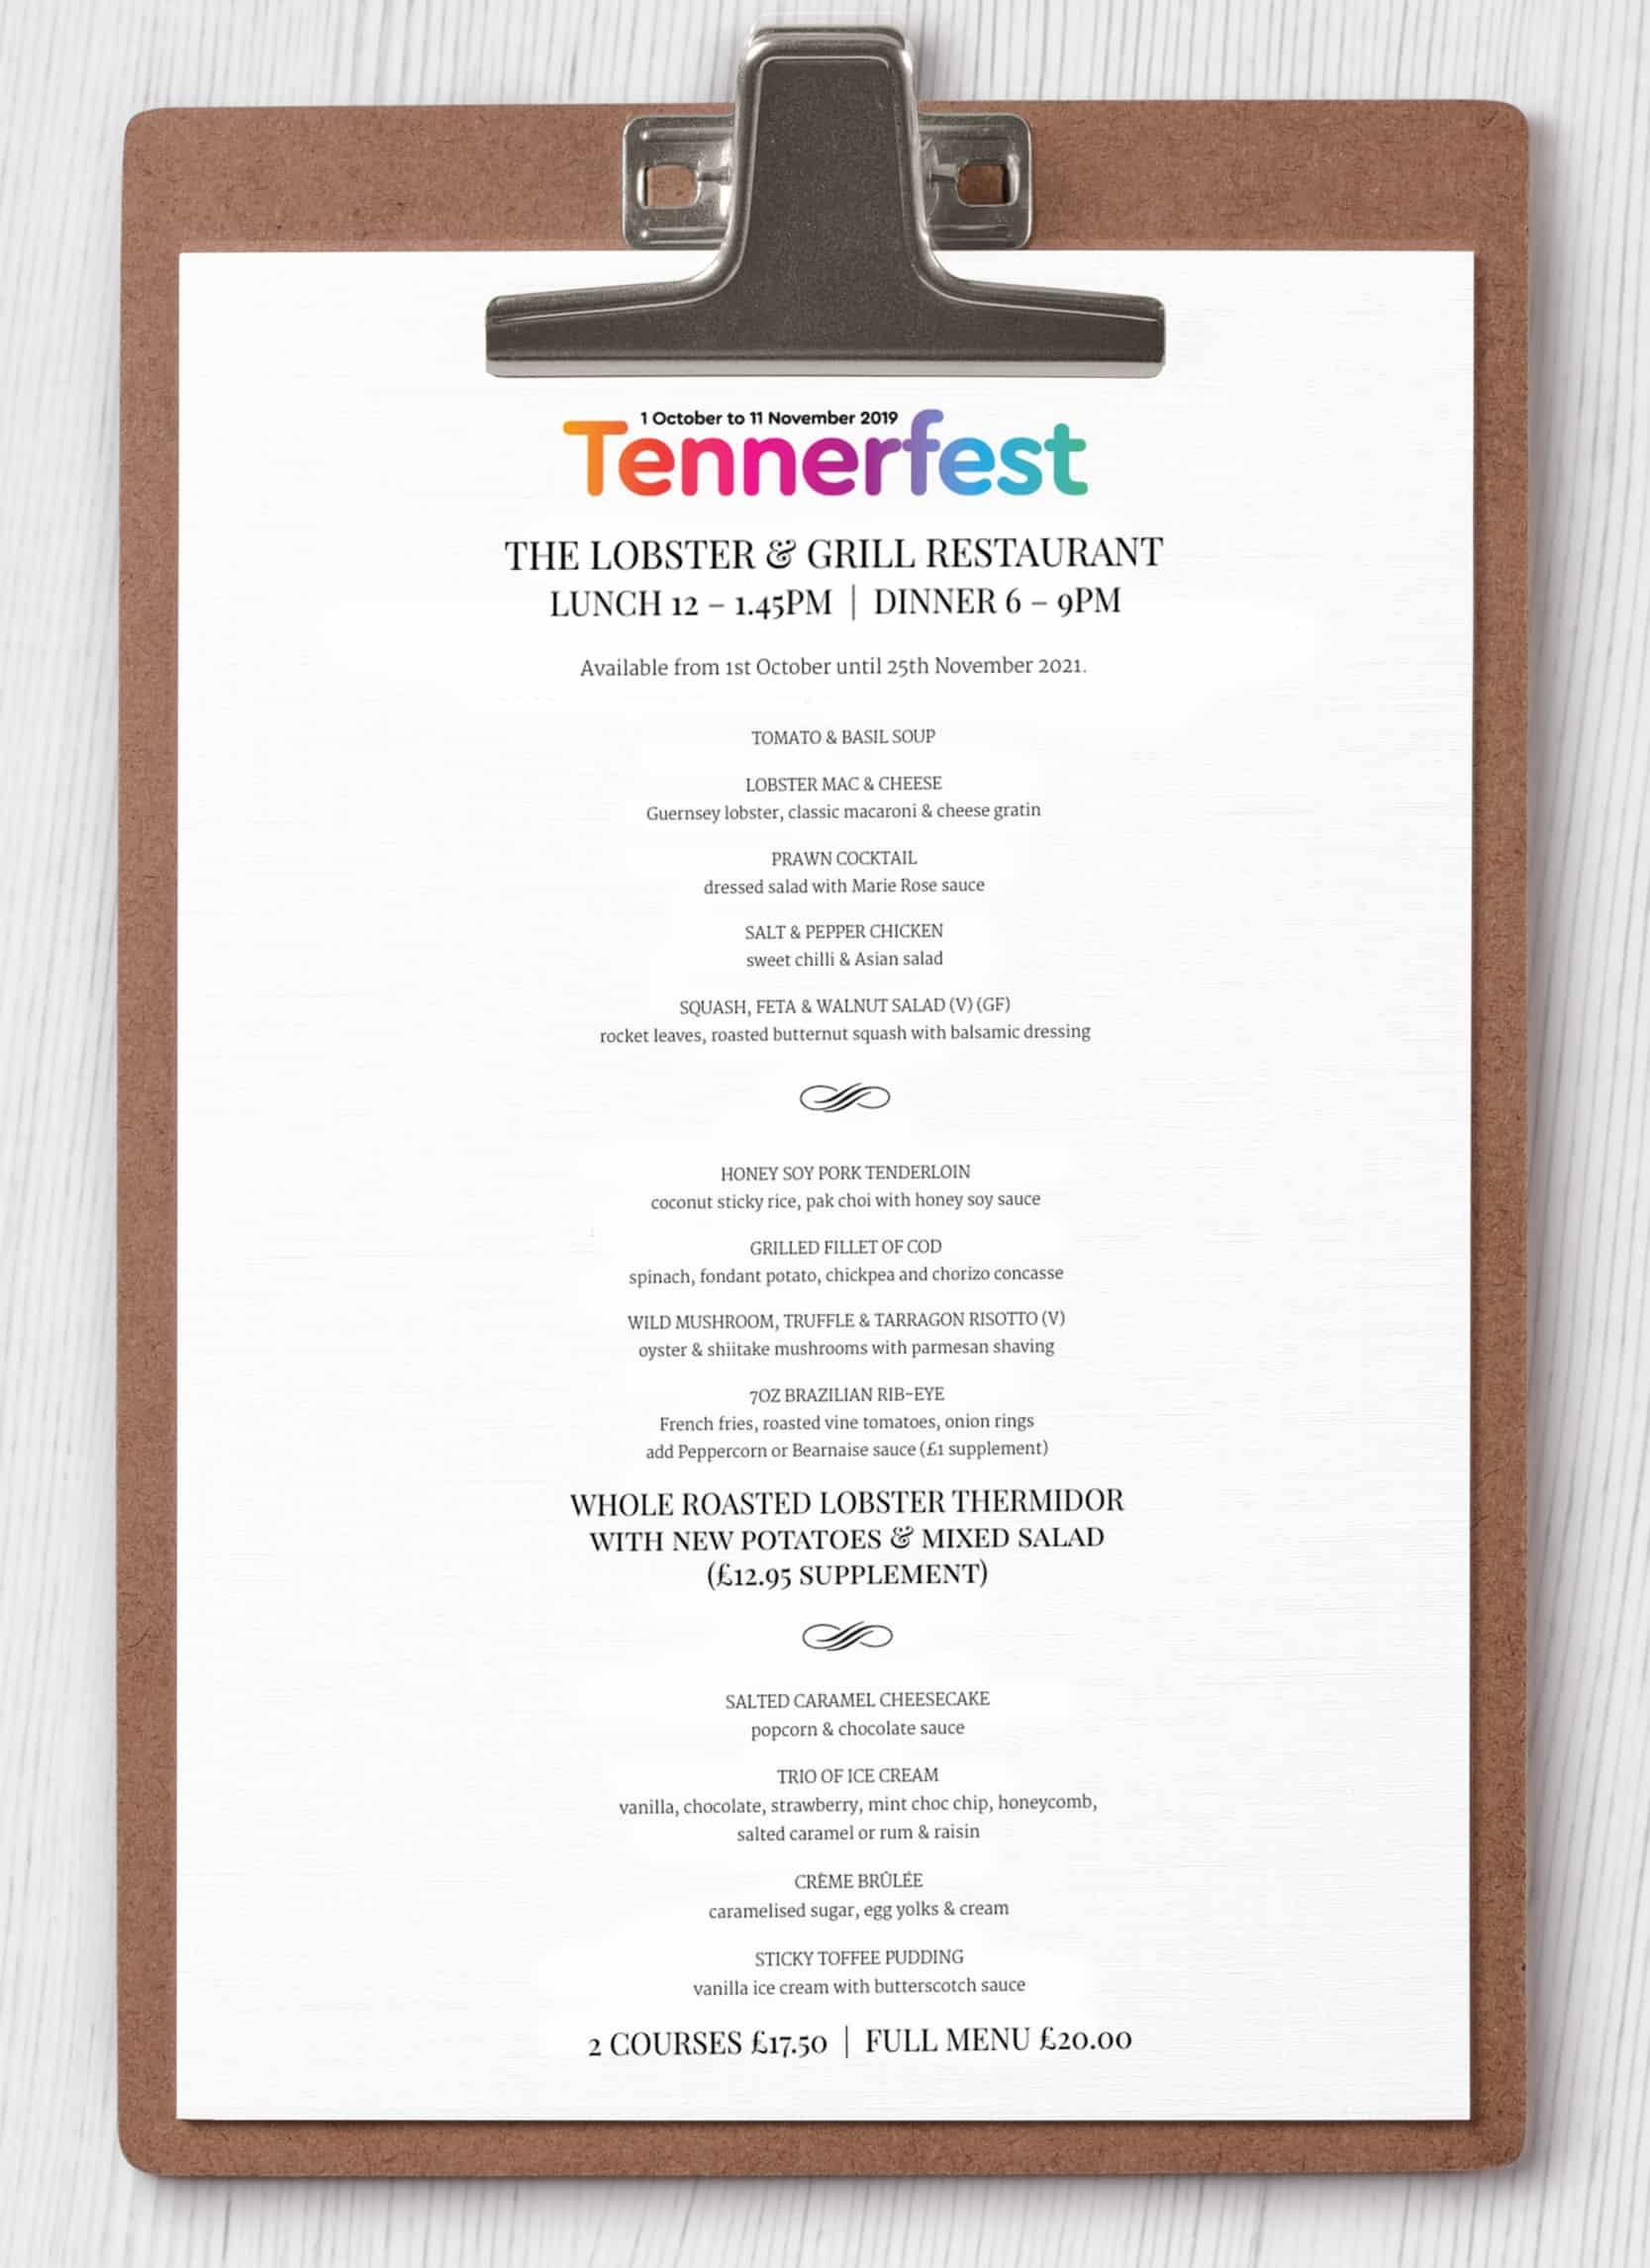 TENNERFEST MENU 2021 The Lobster & Grill